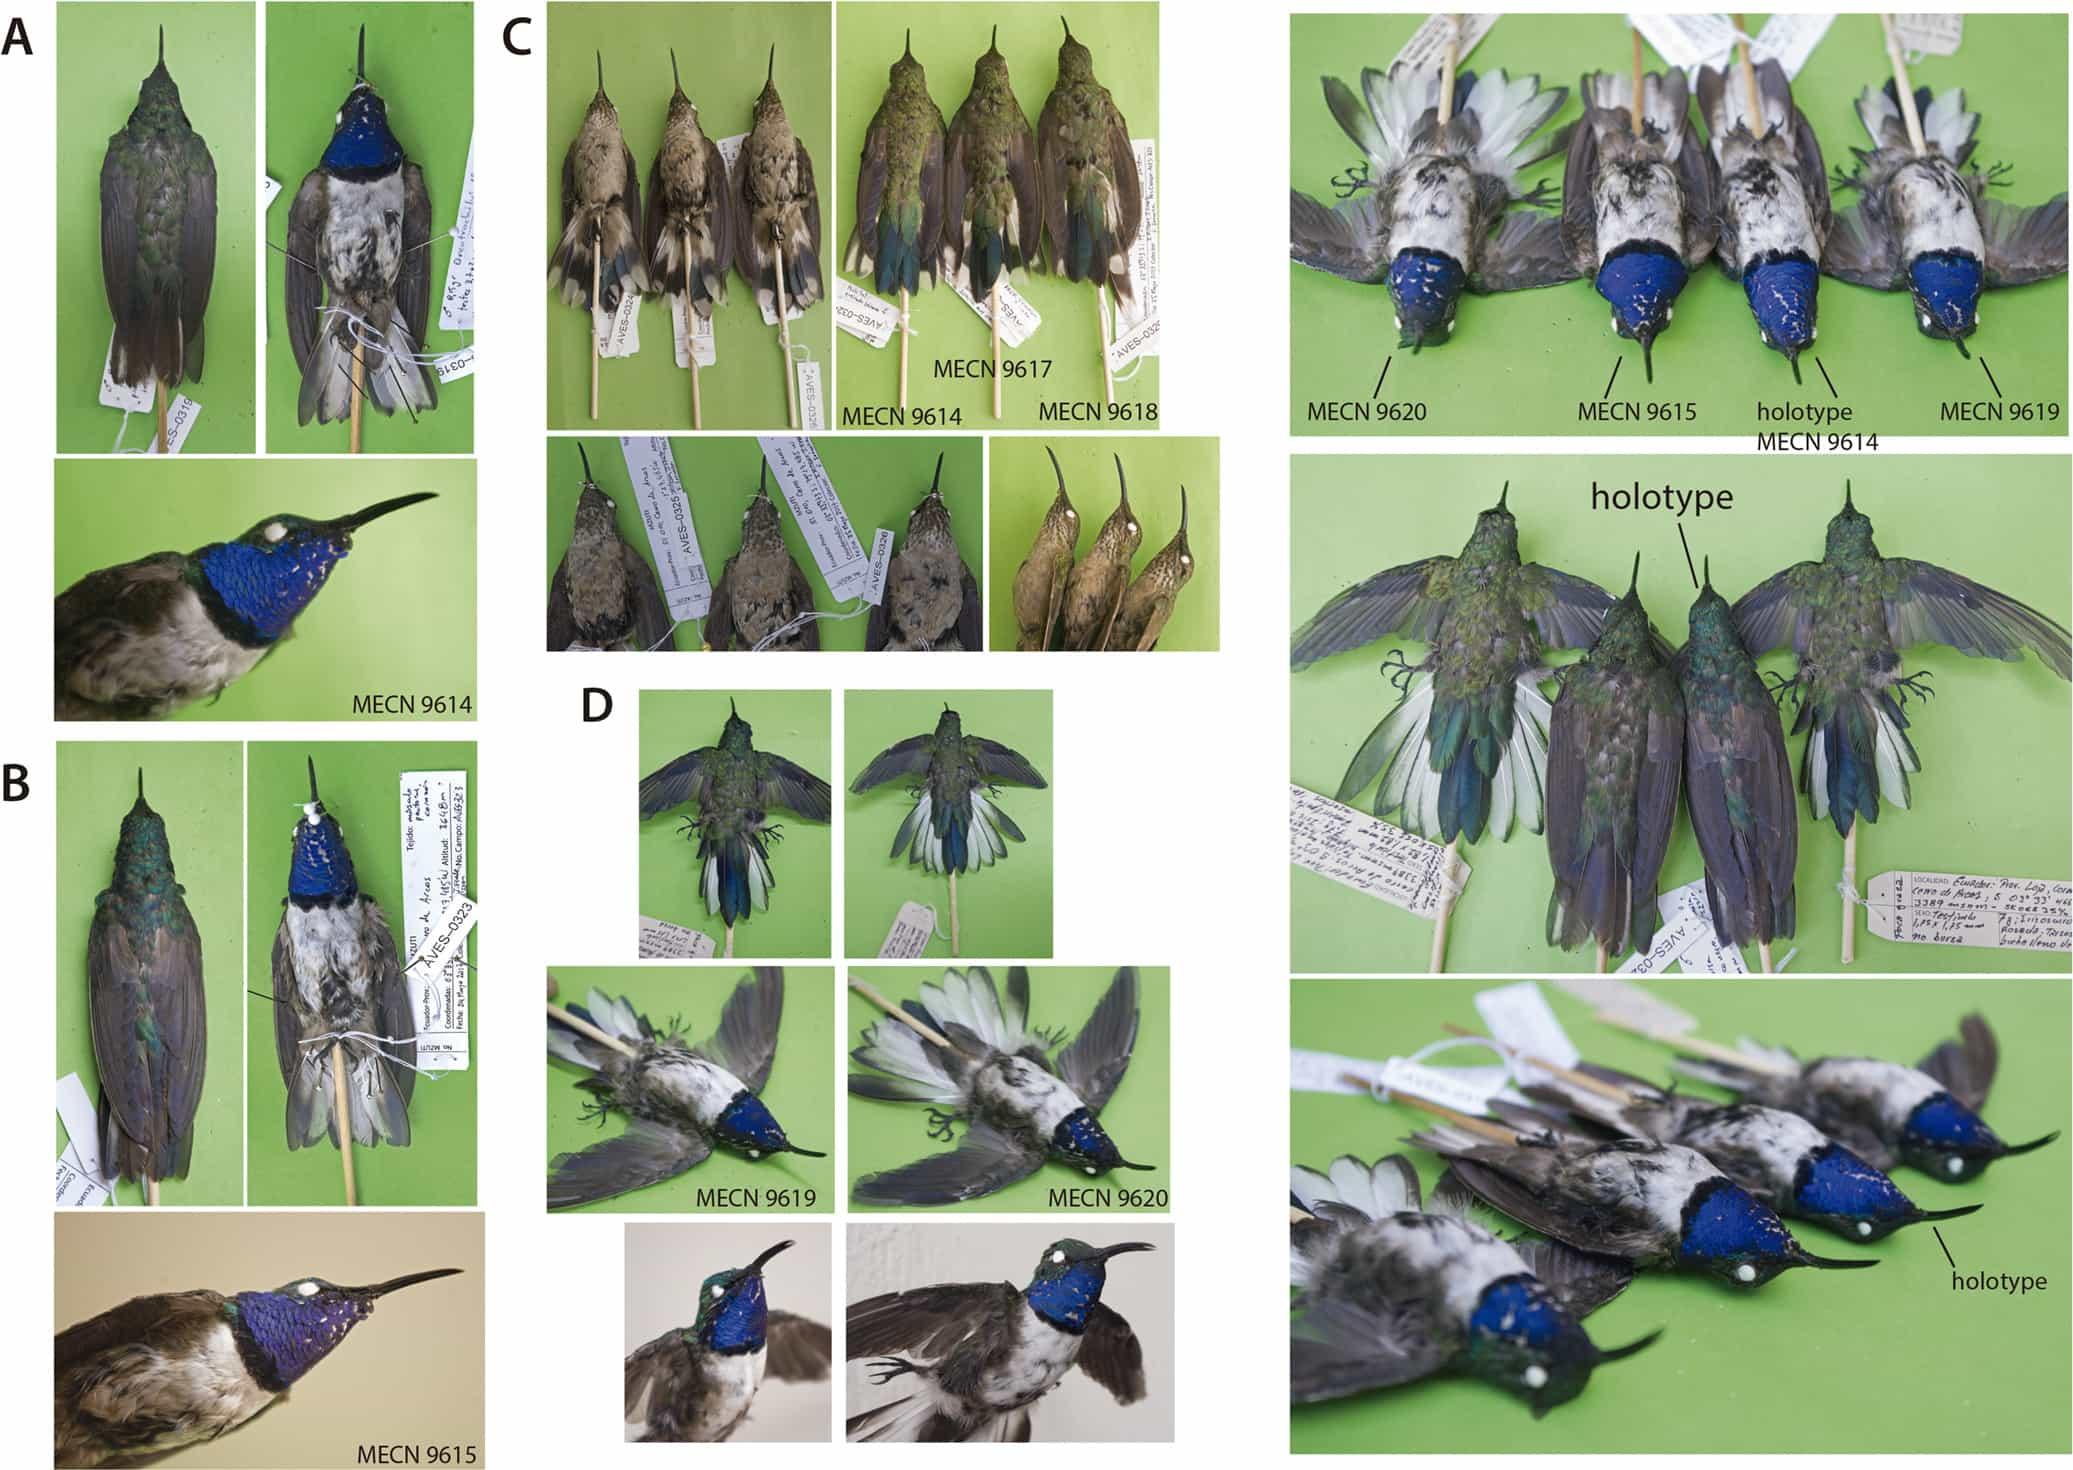 Ученые нашли новый вид колибри